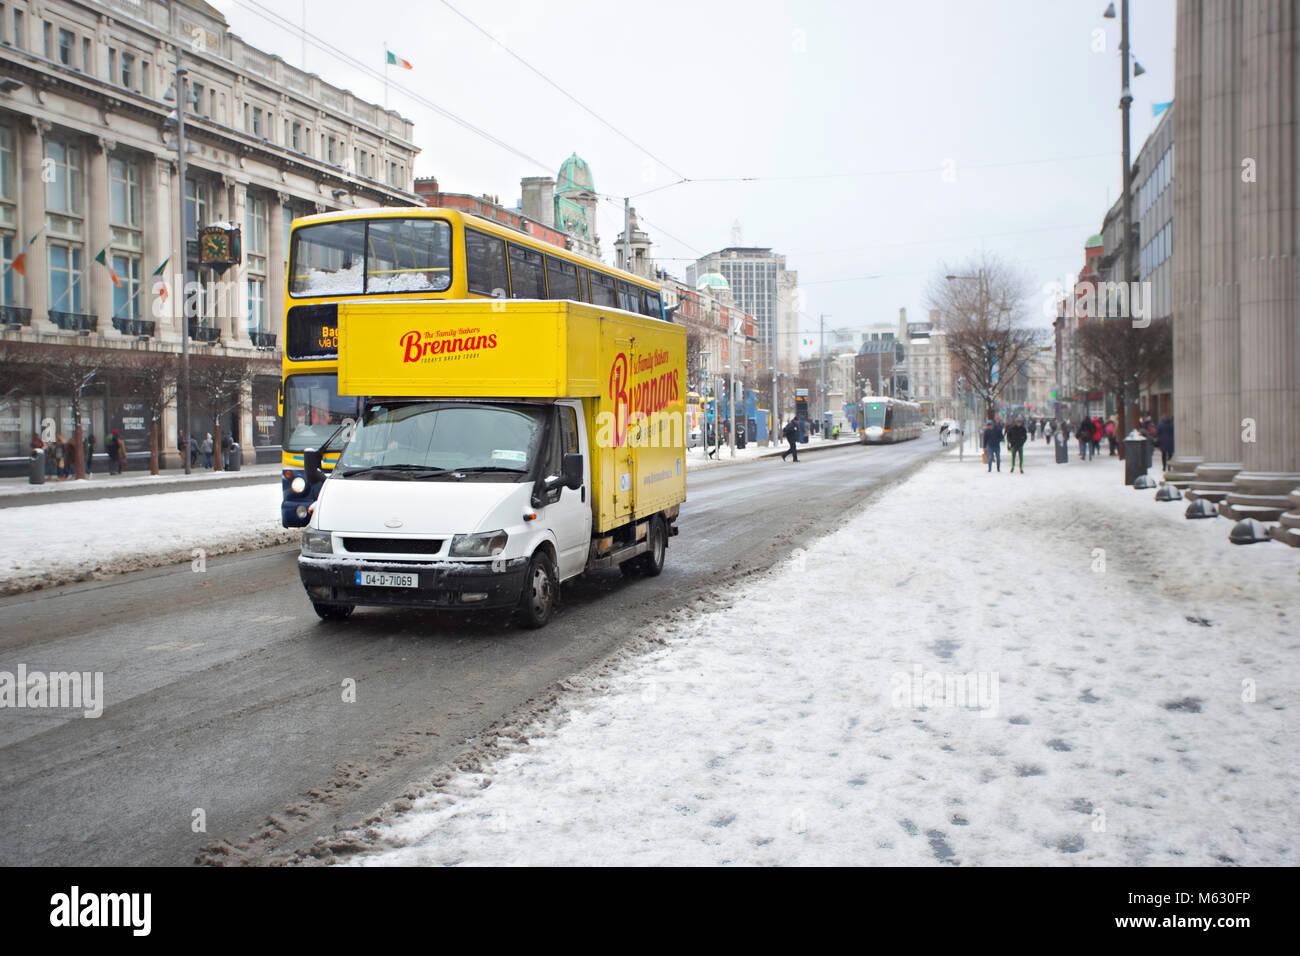 Dublin Snow Winter Stock Photos & Dublin Snow Winter Stock